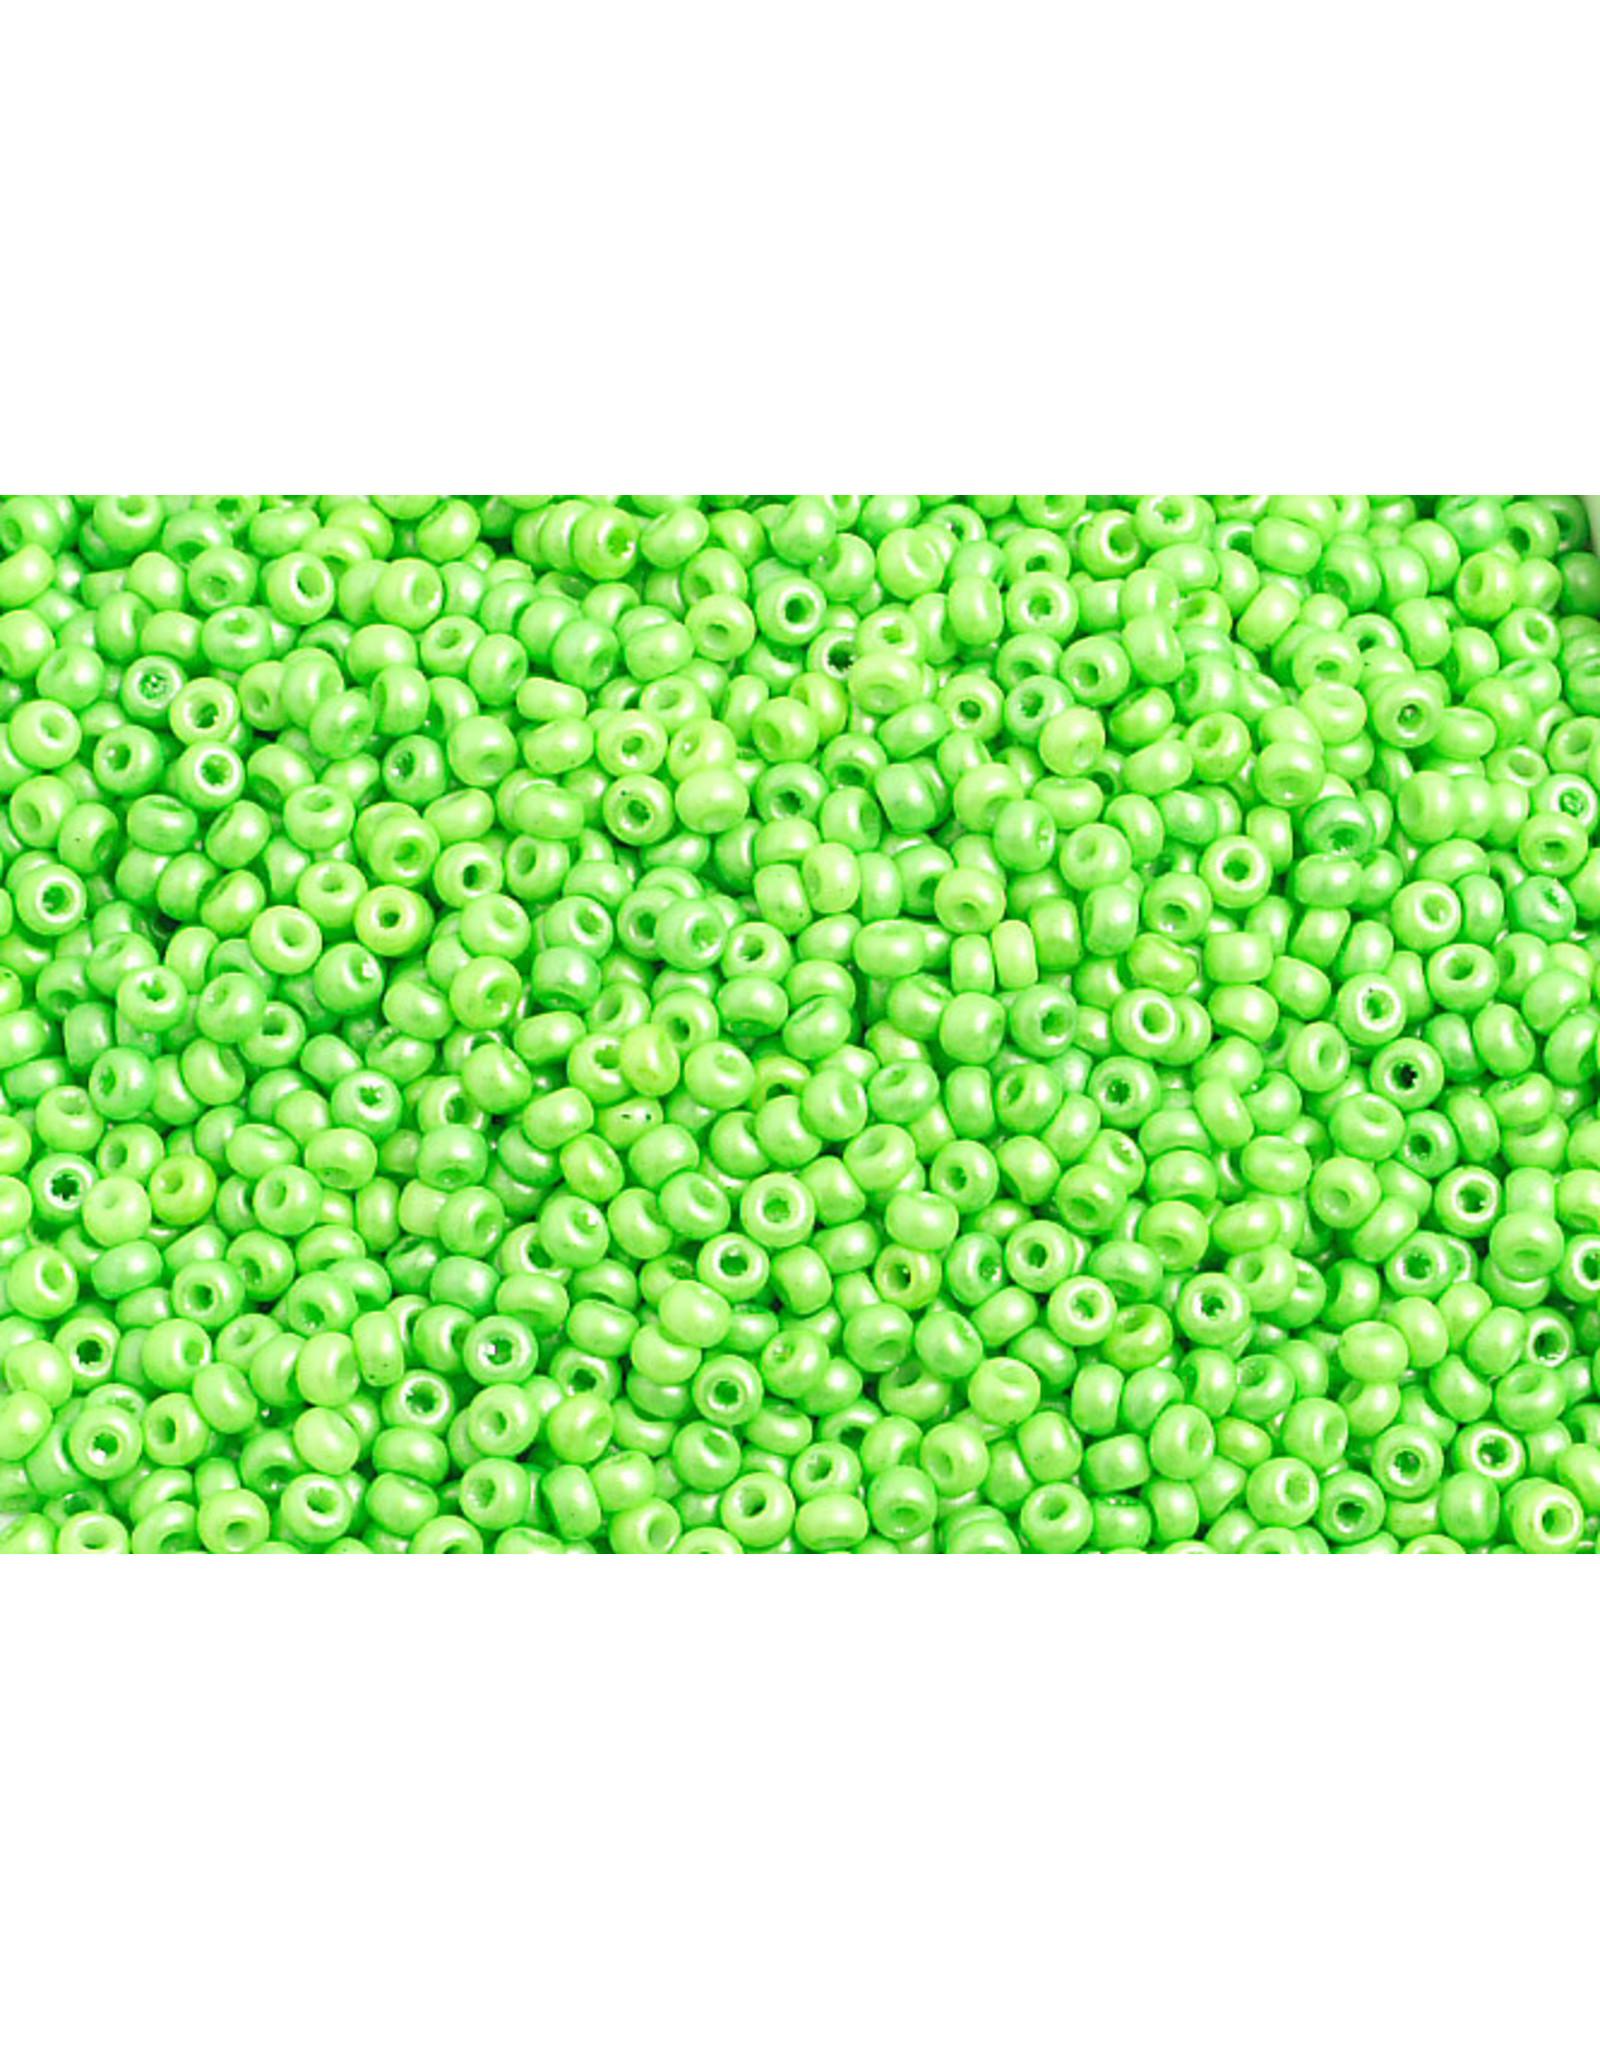 Czech 2333 10 Czech Seed 20g Shiny Green